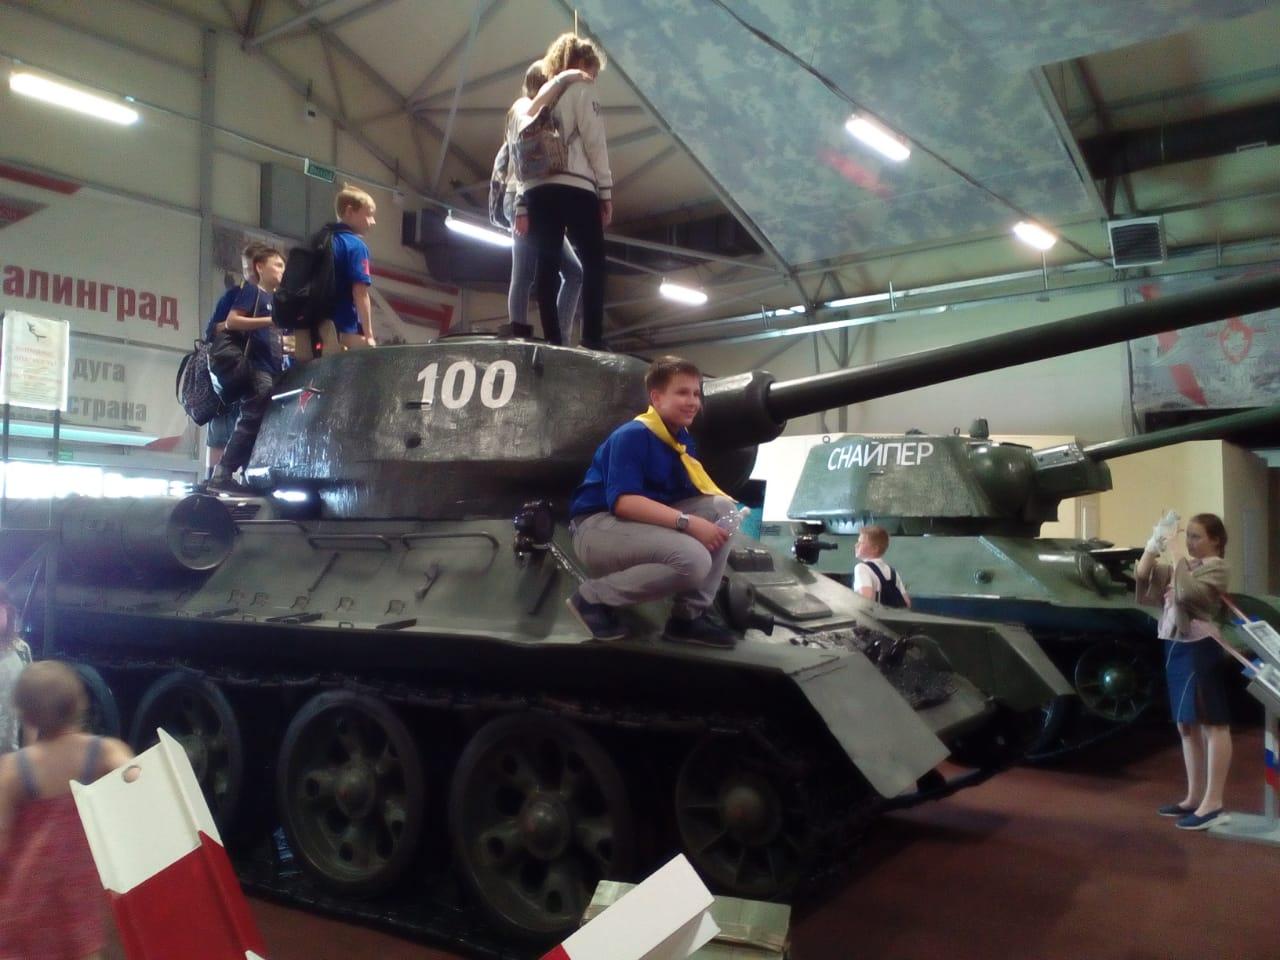 Следопыты Московского отделения БПС посетили военно-патриотический парк культуры и отдыха Вооружённых сил Российской Федерации «Патриот»